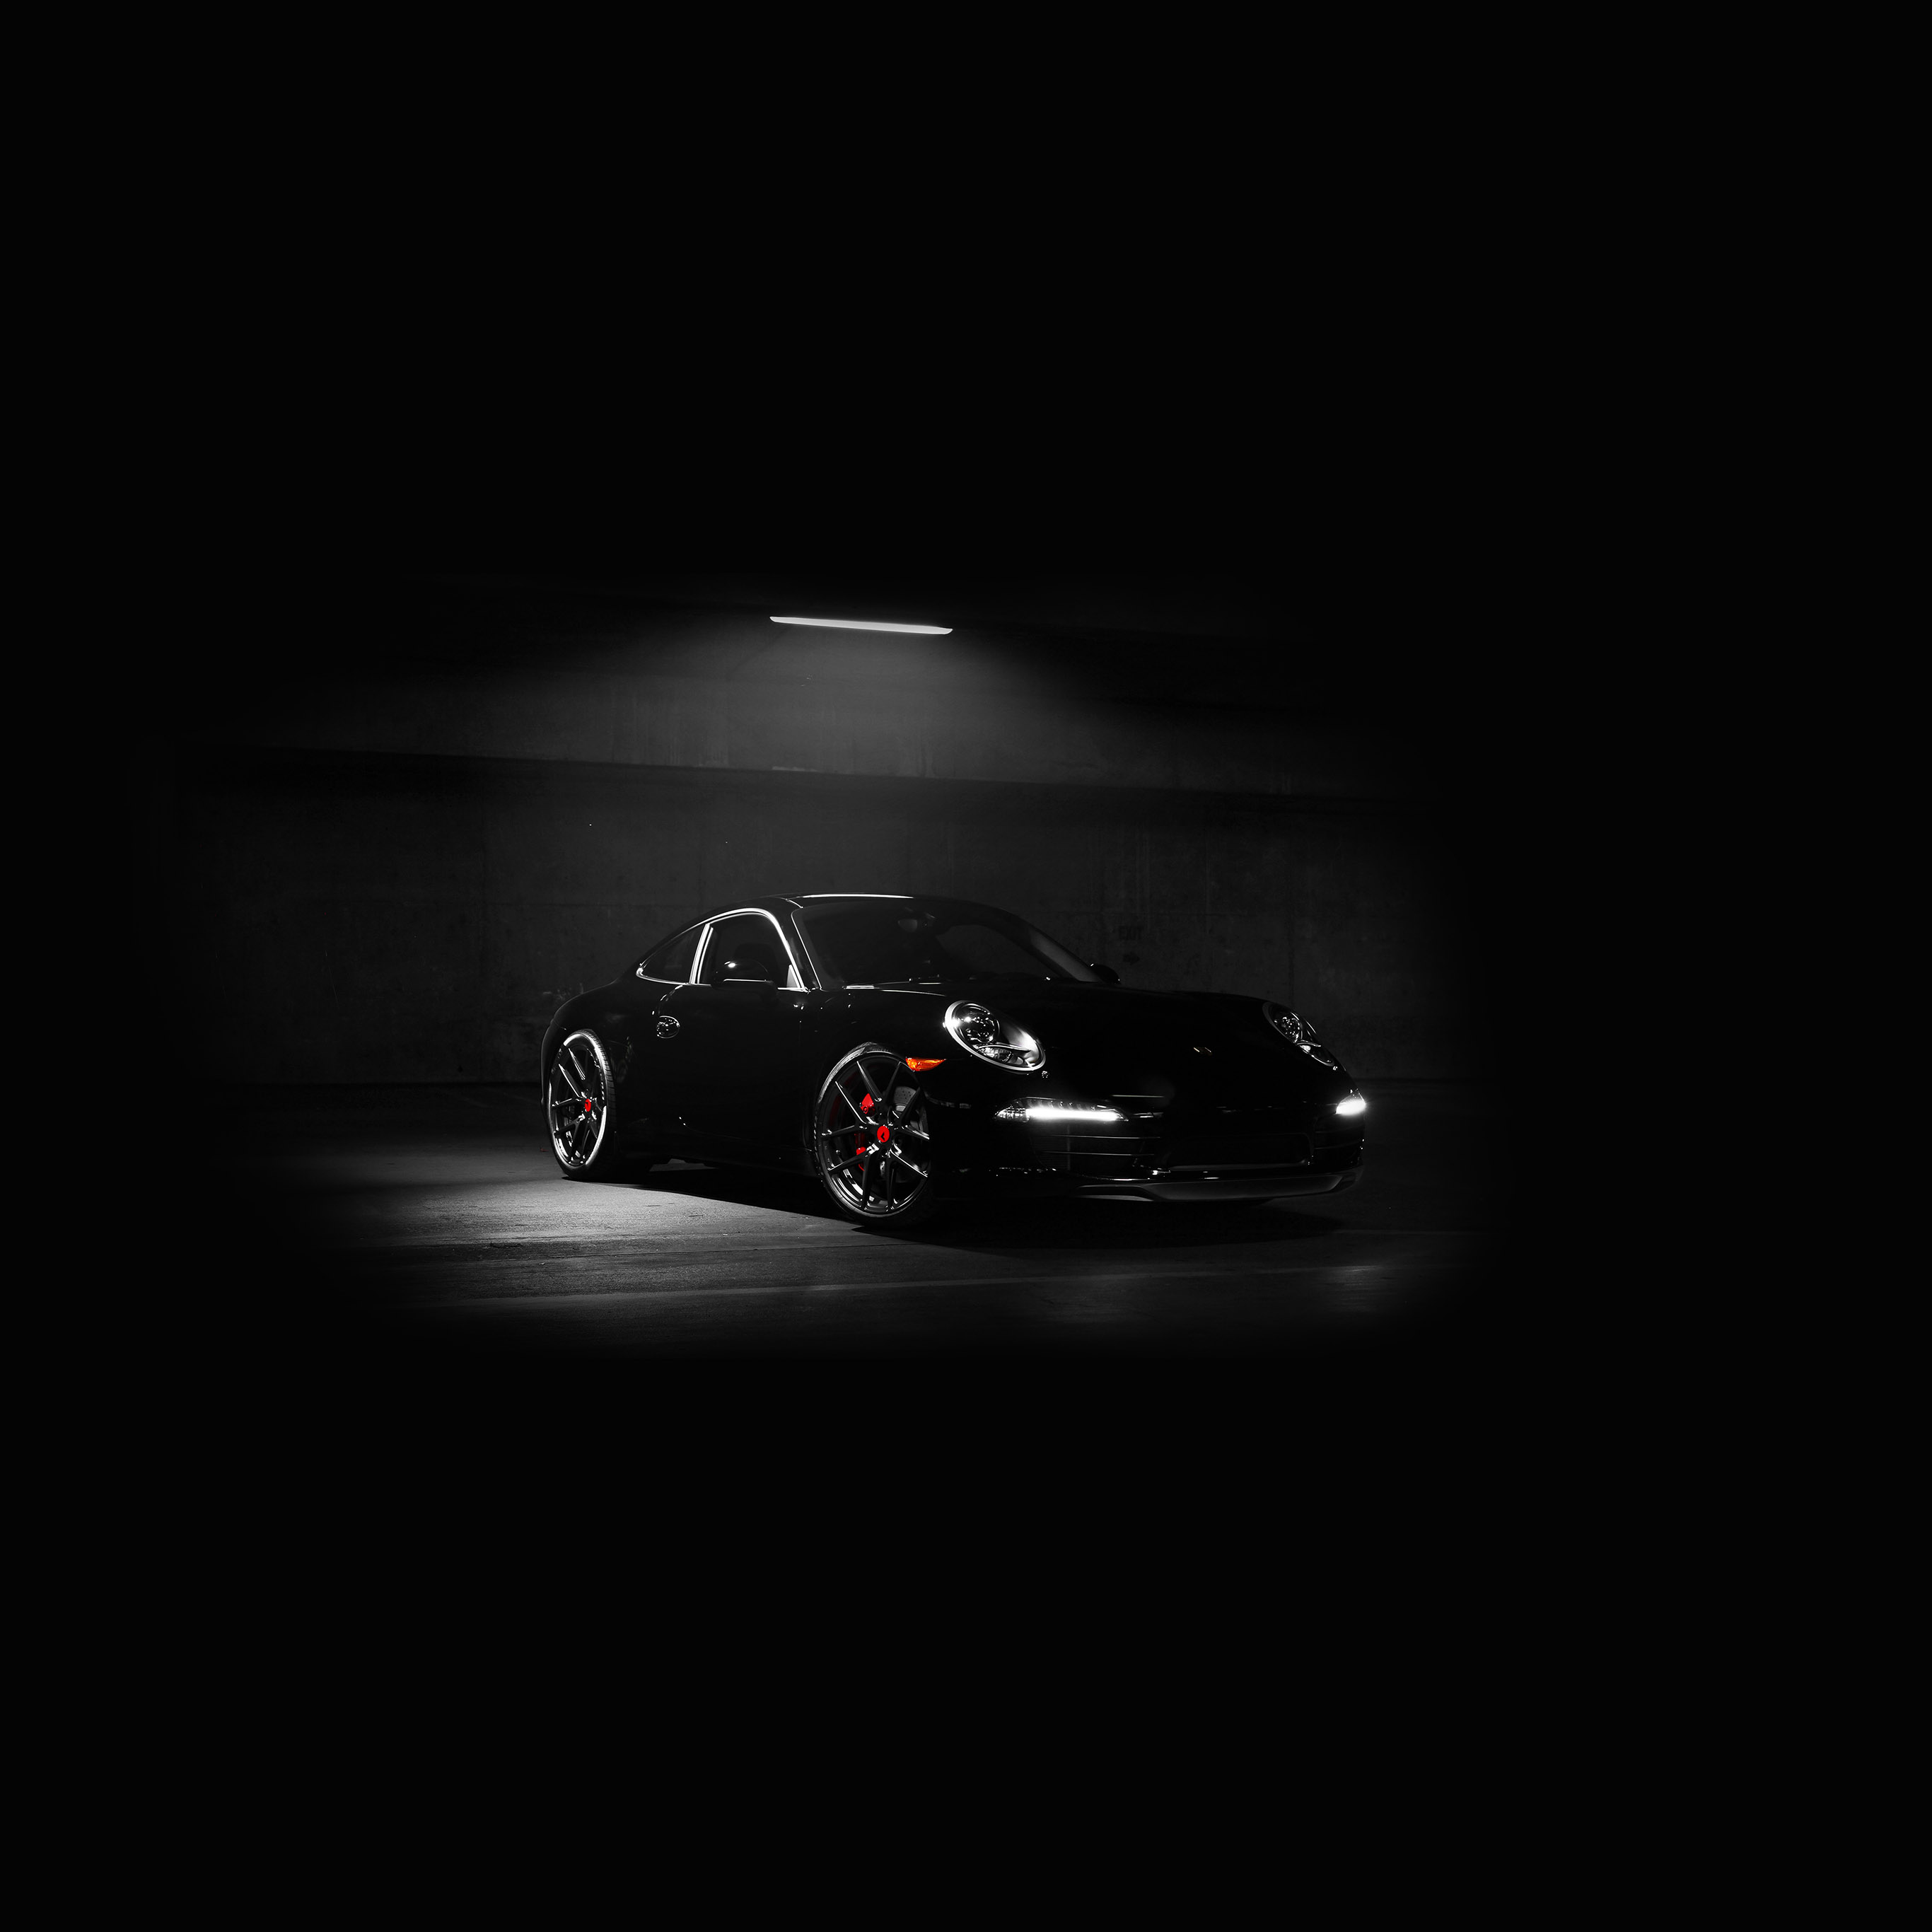 Av48 Porsche Illustration Art Super Car Black Dark Wallpaper